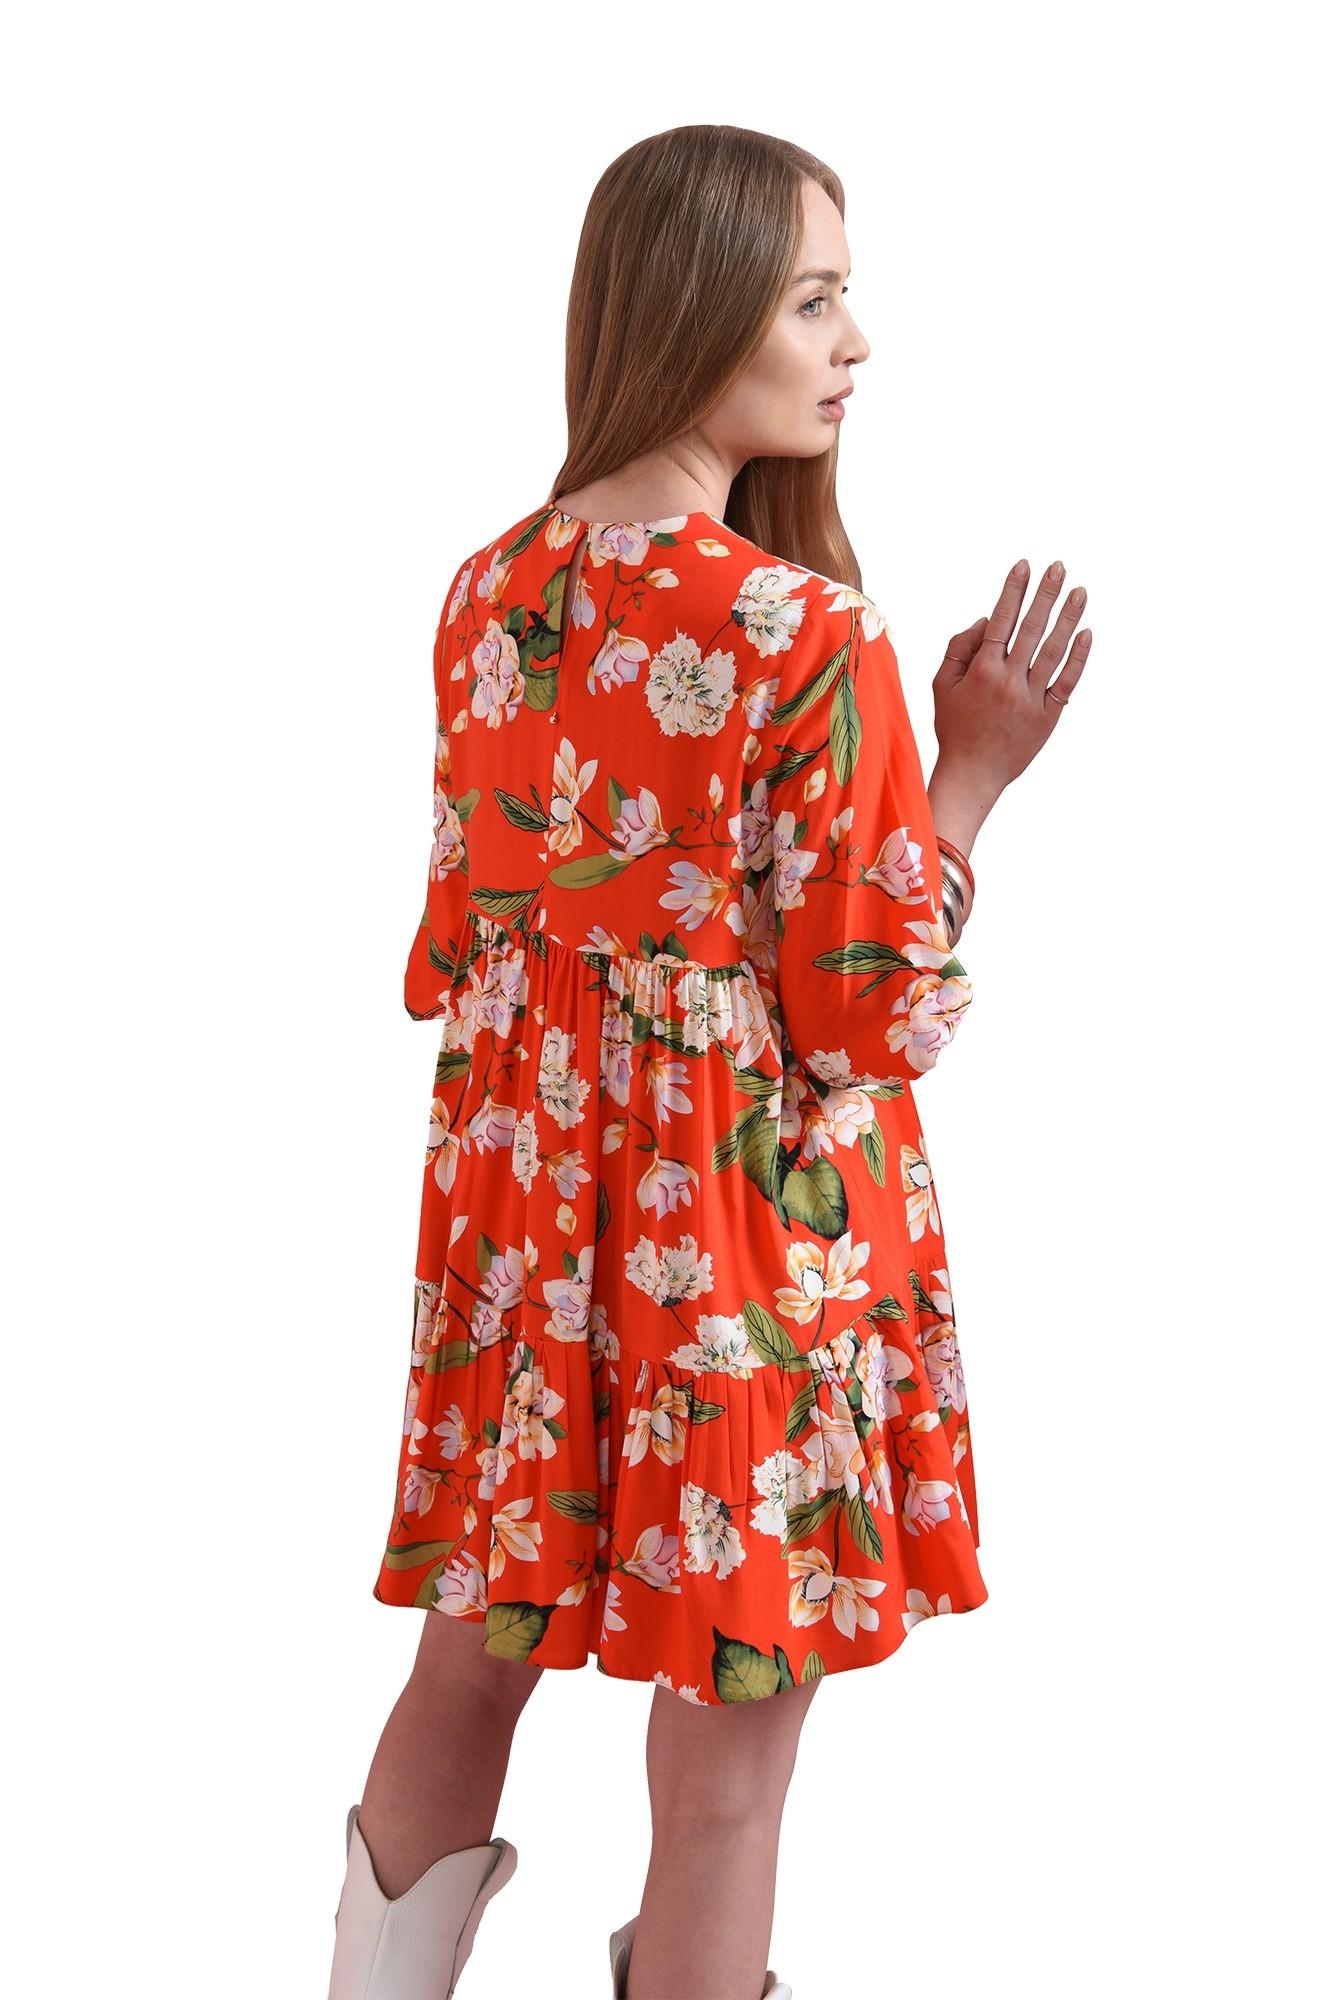 3 - rochie rosie, scurta, cu print